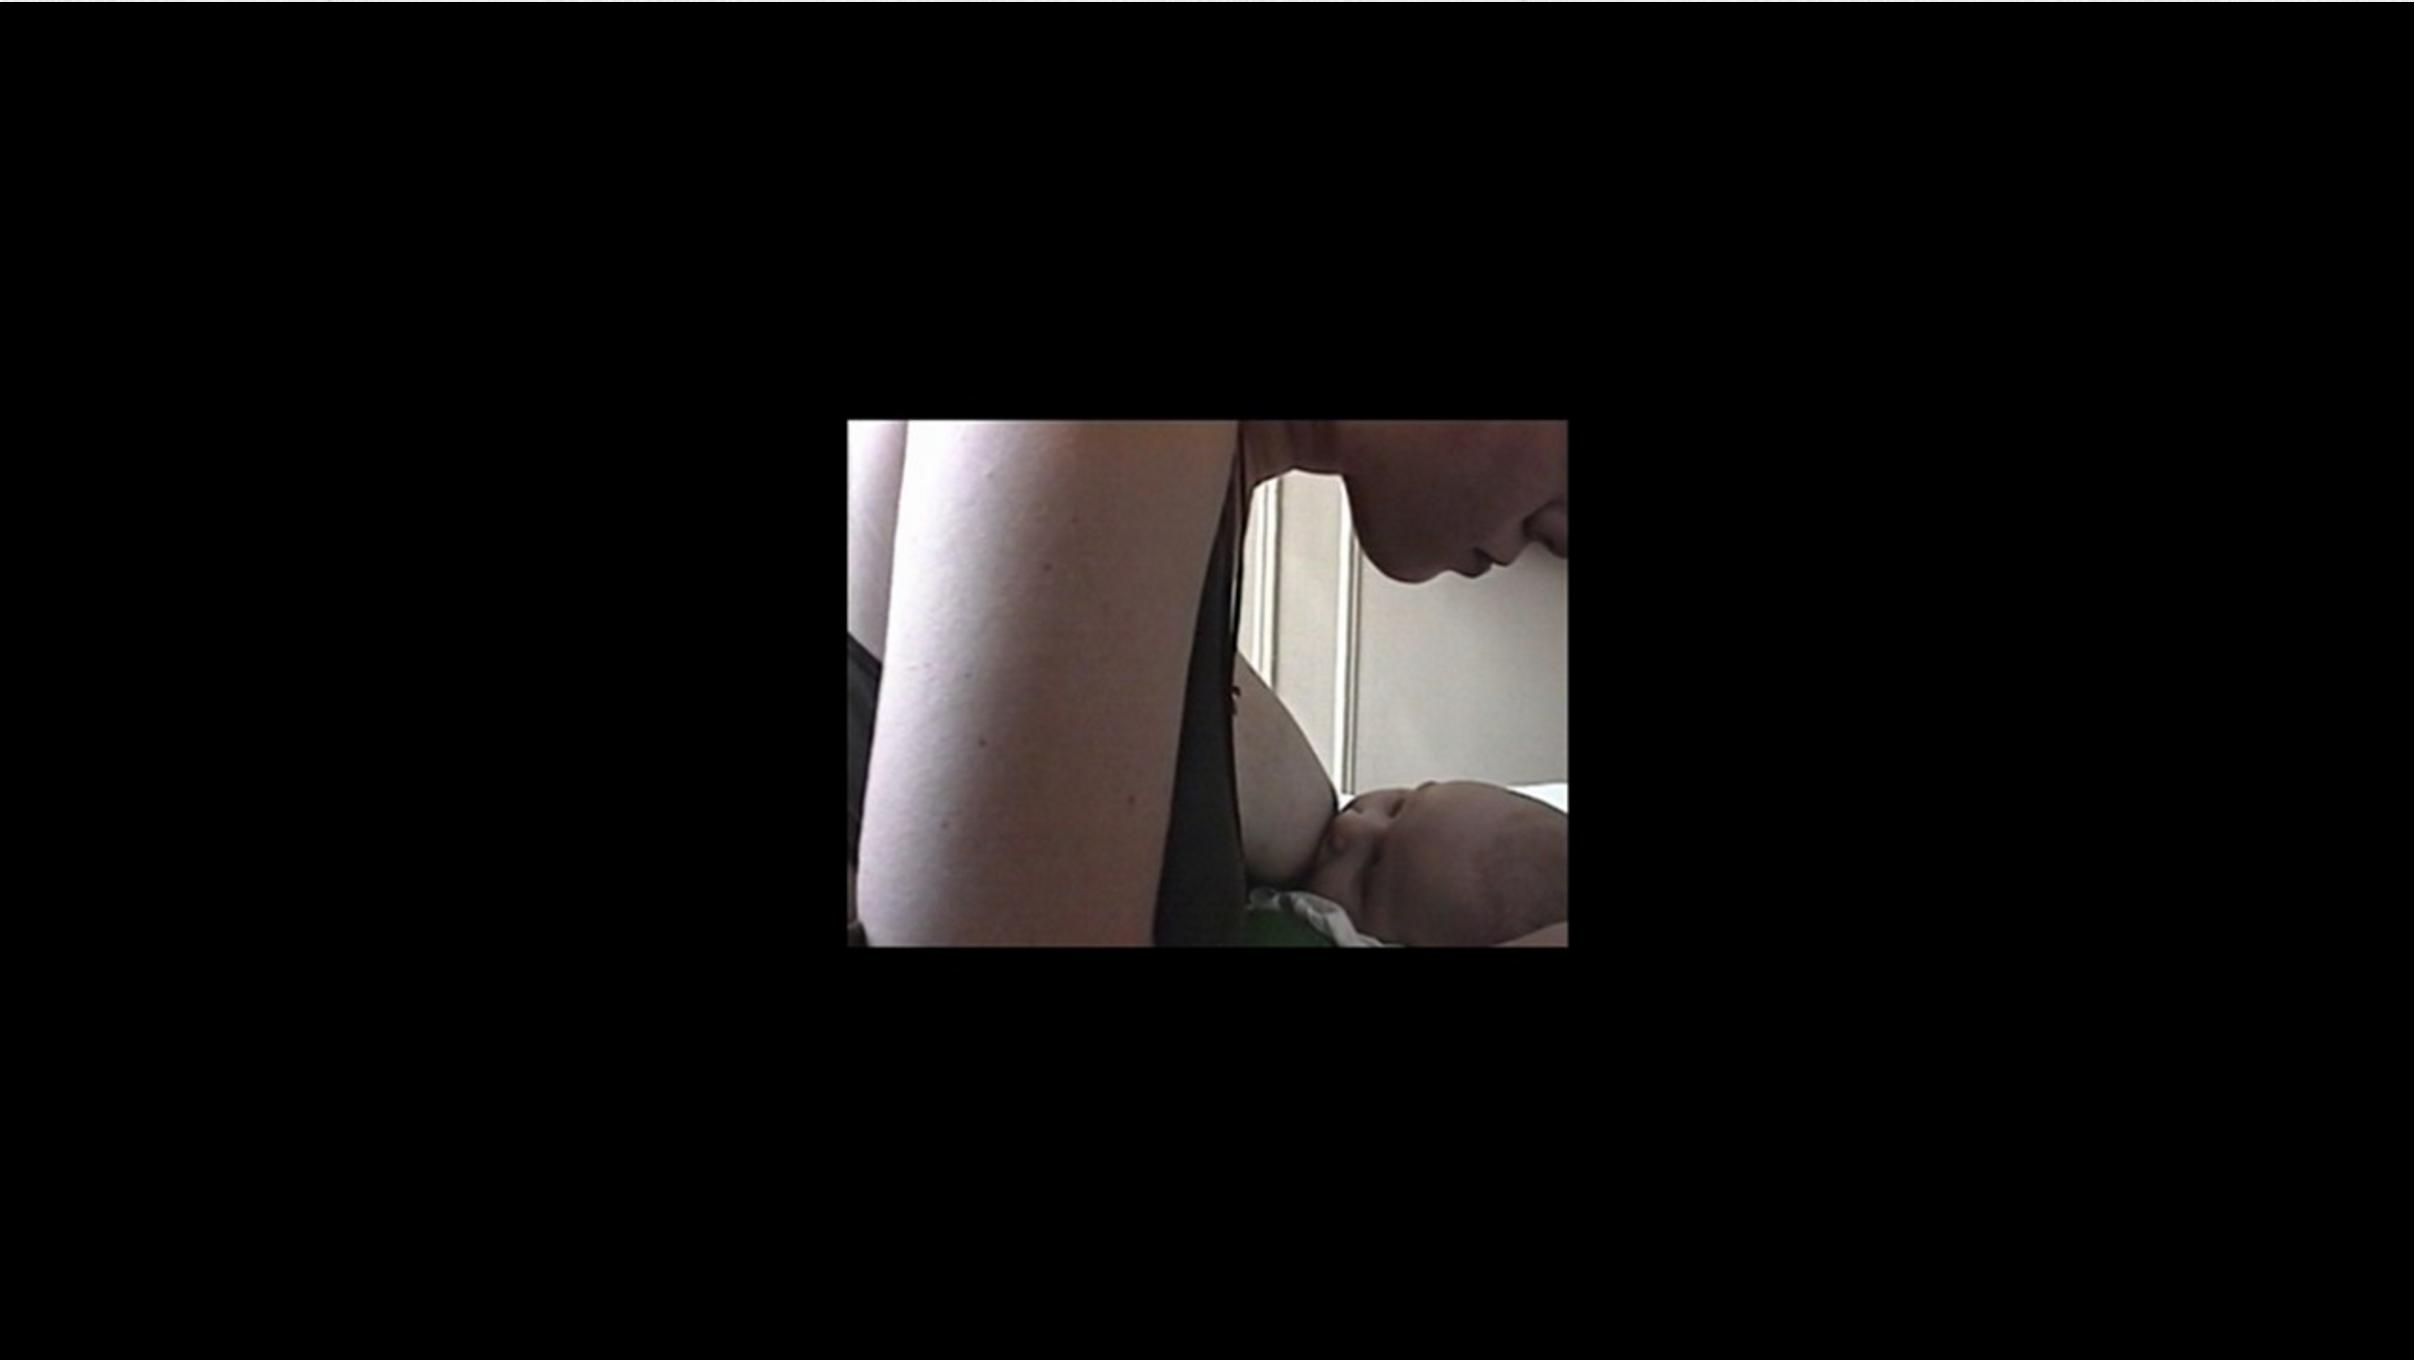 Screen Shot 2016-03-03 at 7.42.56 PM.png